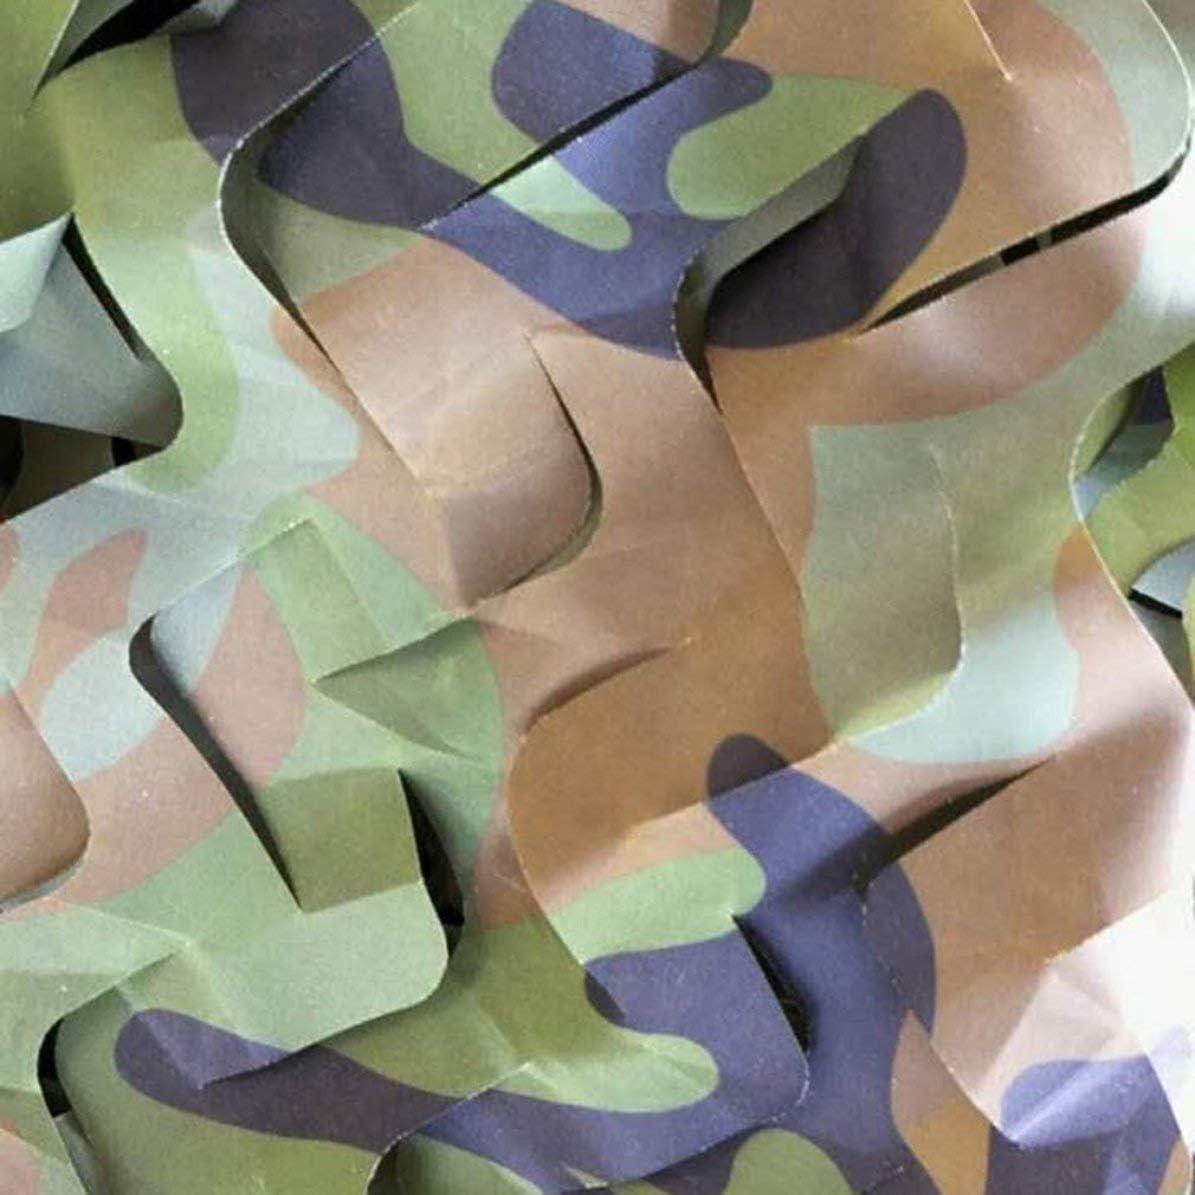 Verpackt in OPP Taschen Sunnyflowk Tarnnetz Army Military Camo Net Autoabdeckzelt Jagdjalousien Netting Optionale Gr/ö/ße Lange Abdeckung Verbergen Drop Net Dschungel Gr/ün 0,5 * 1 m